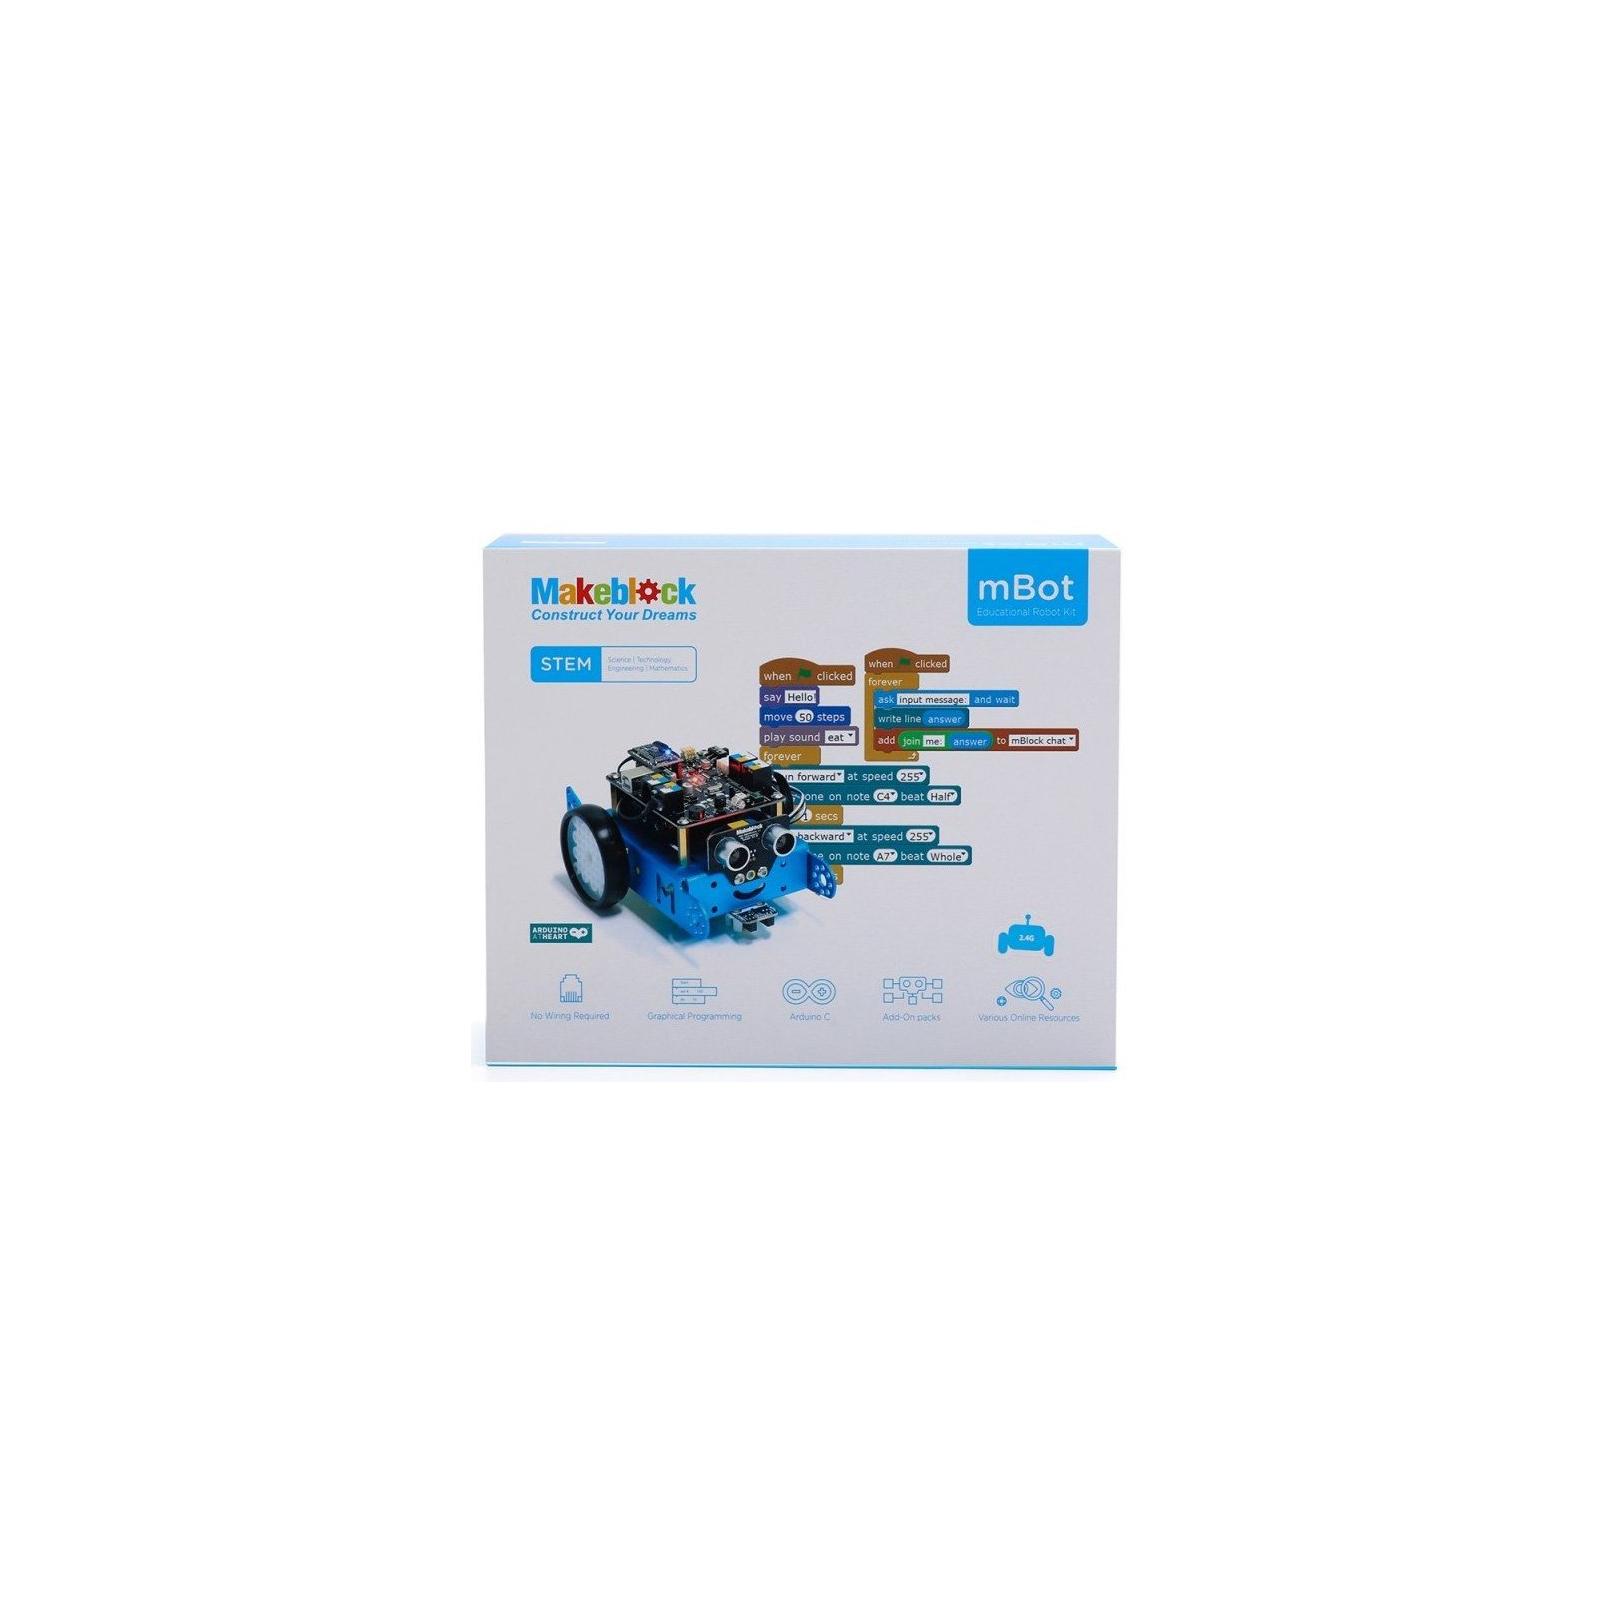 Робот Makeblock mBot v1.1 BT Blue (09.00.53) изображение 8